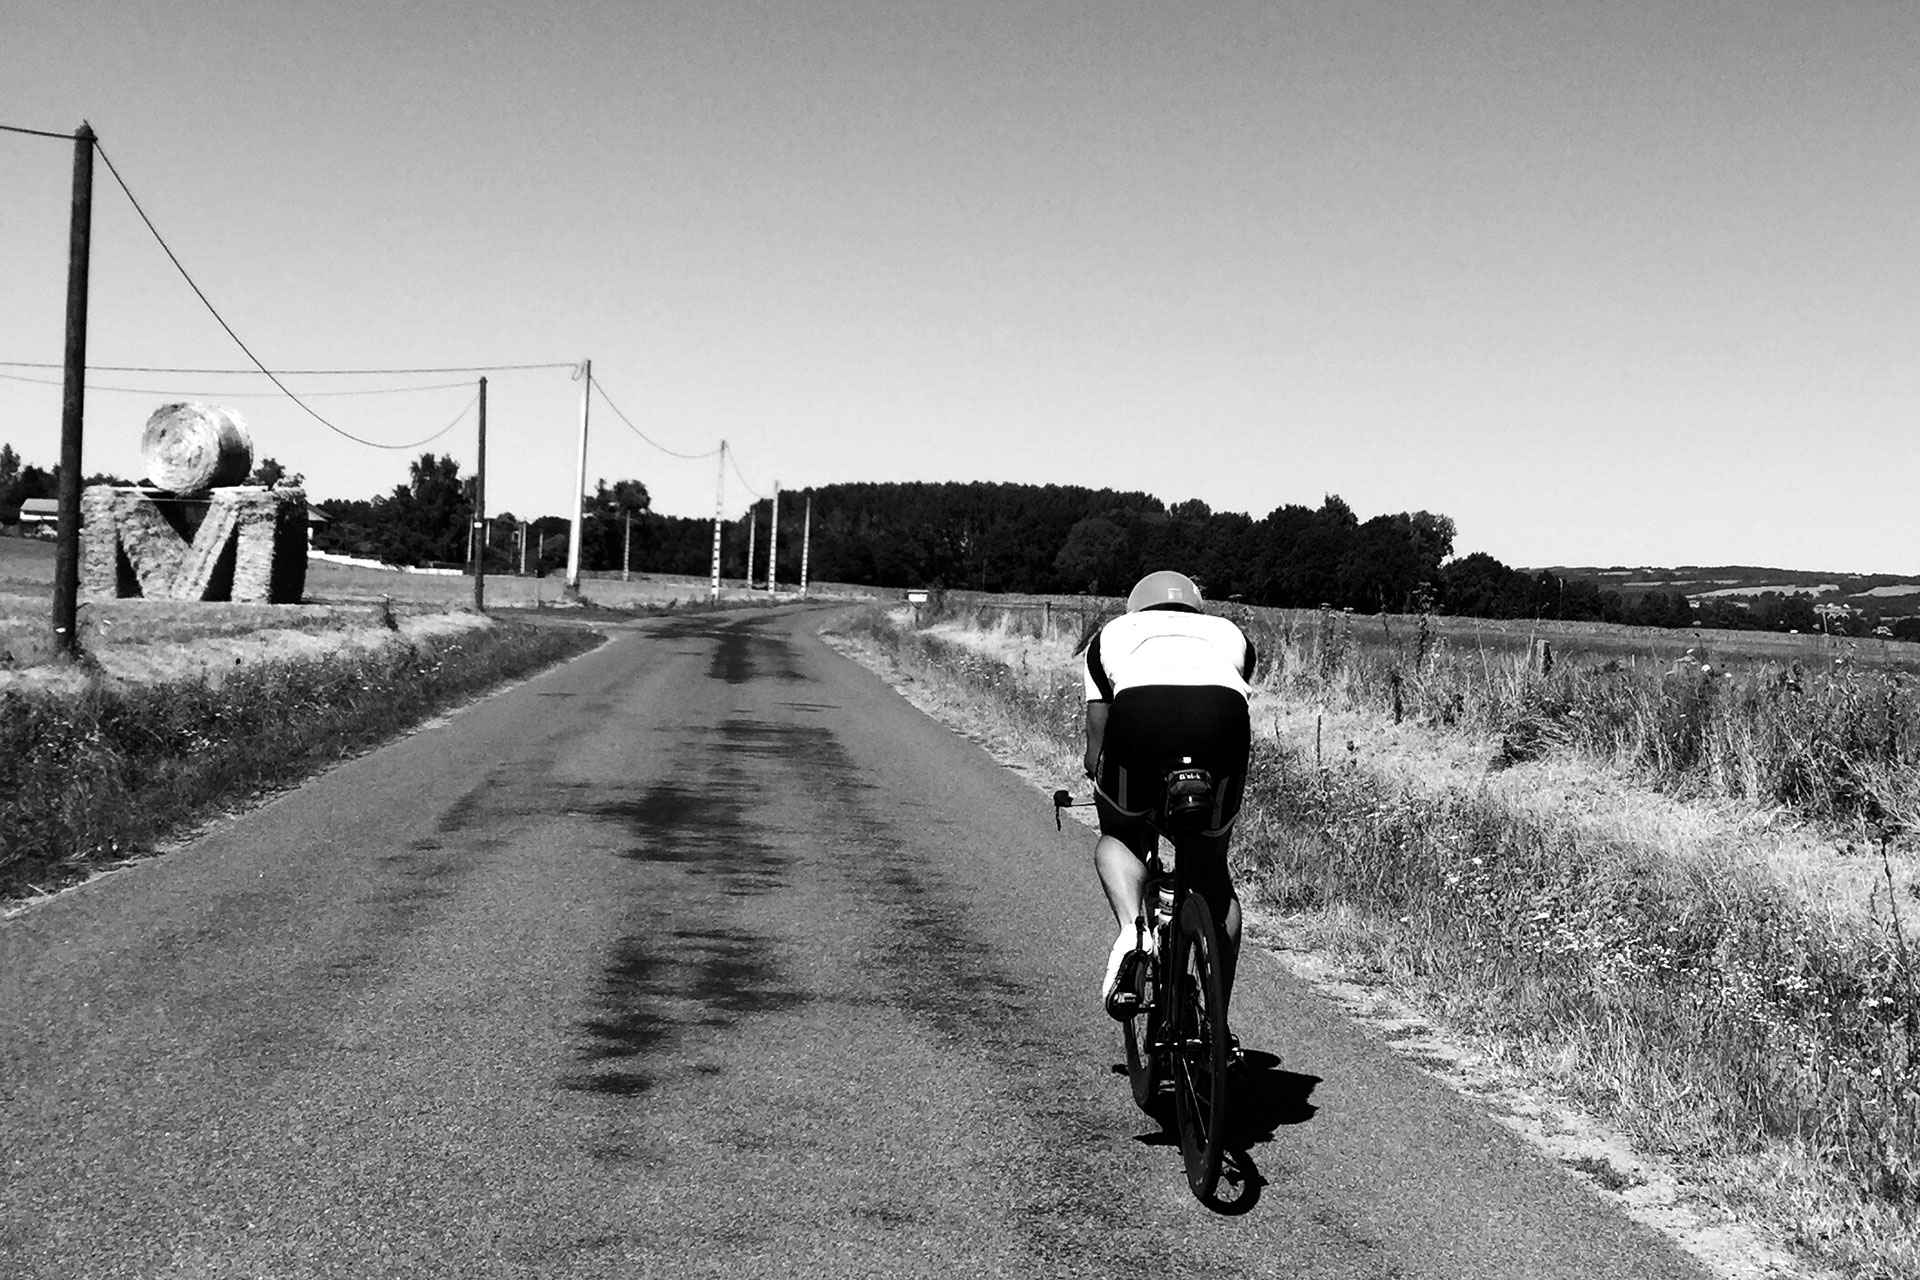 IRONMAN VICHY 2016 The Story: Echter Erfolg mit virtuellen Nebenwirkungen / Die letzte Trainingseinheit auf dem Rad durch das Val d'Allier noch in entgegengesetzter Richtung ©stefandrexl.de